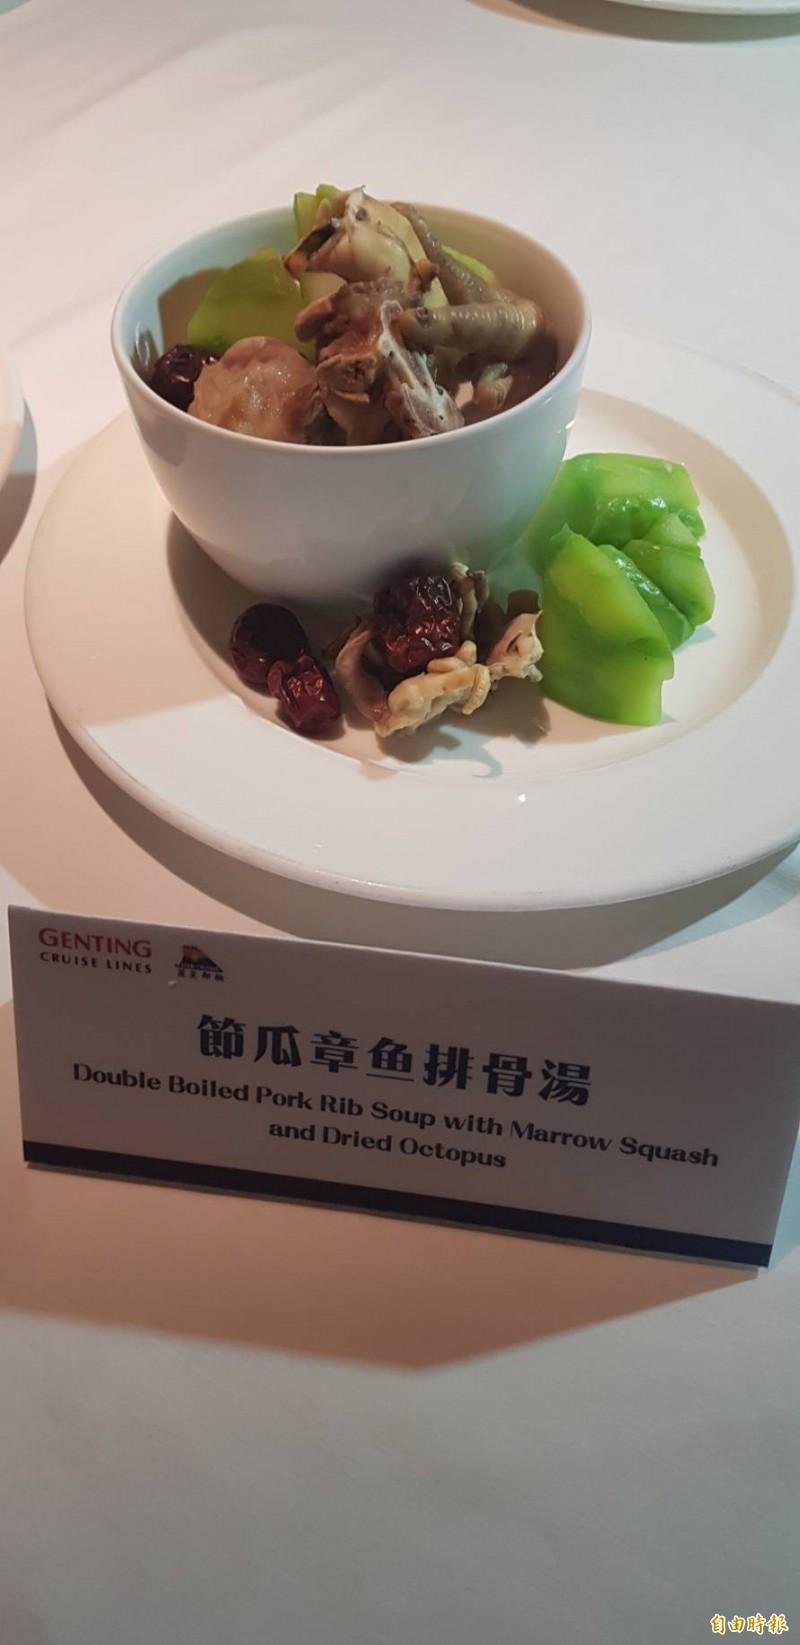 麗星郵輪集團新任行政主廚朱而文,在寶瓶星號「王朝」餐廳為喜愛湯品的台灣旅客,依照節氣獻上8款港式煲湯。(記者俞肇福攝)